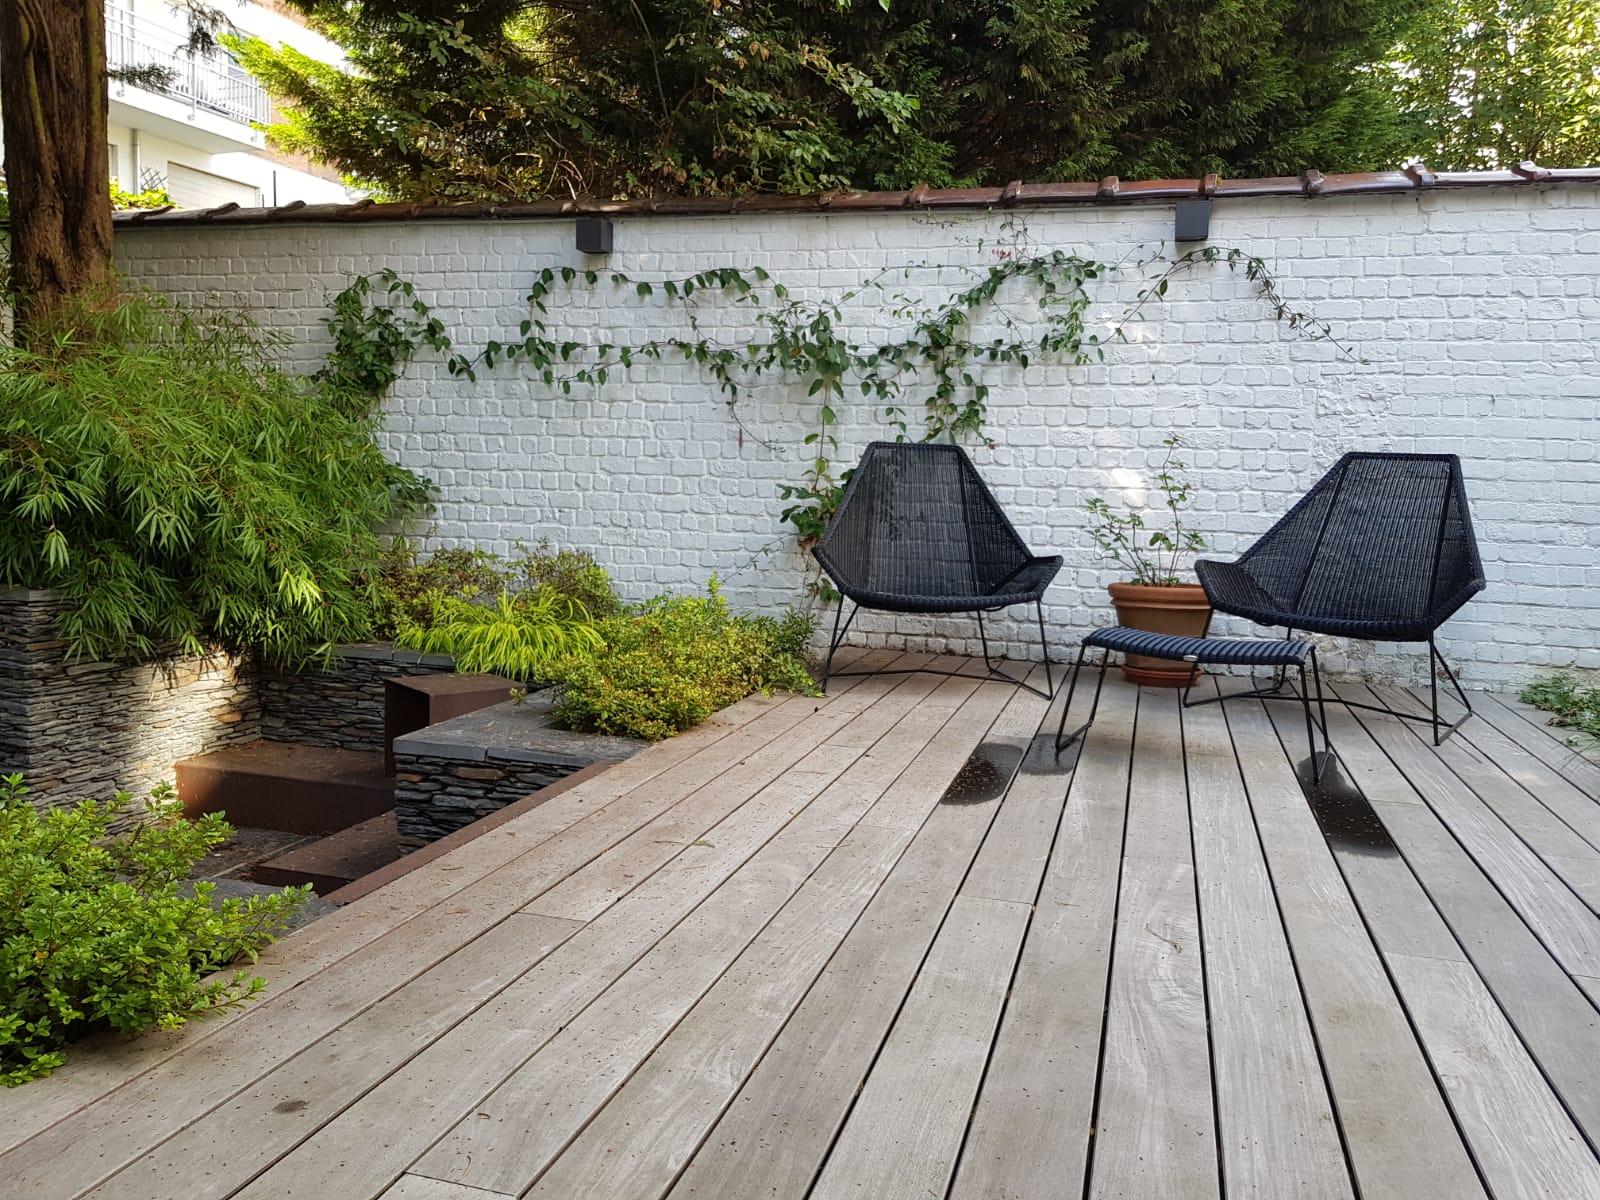 Cour sur 4 niveaux - Niveau intermédiaire - Terrasse en Ipe/ Fixation B-Fix - Amenagement jardin Bruxelles